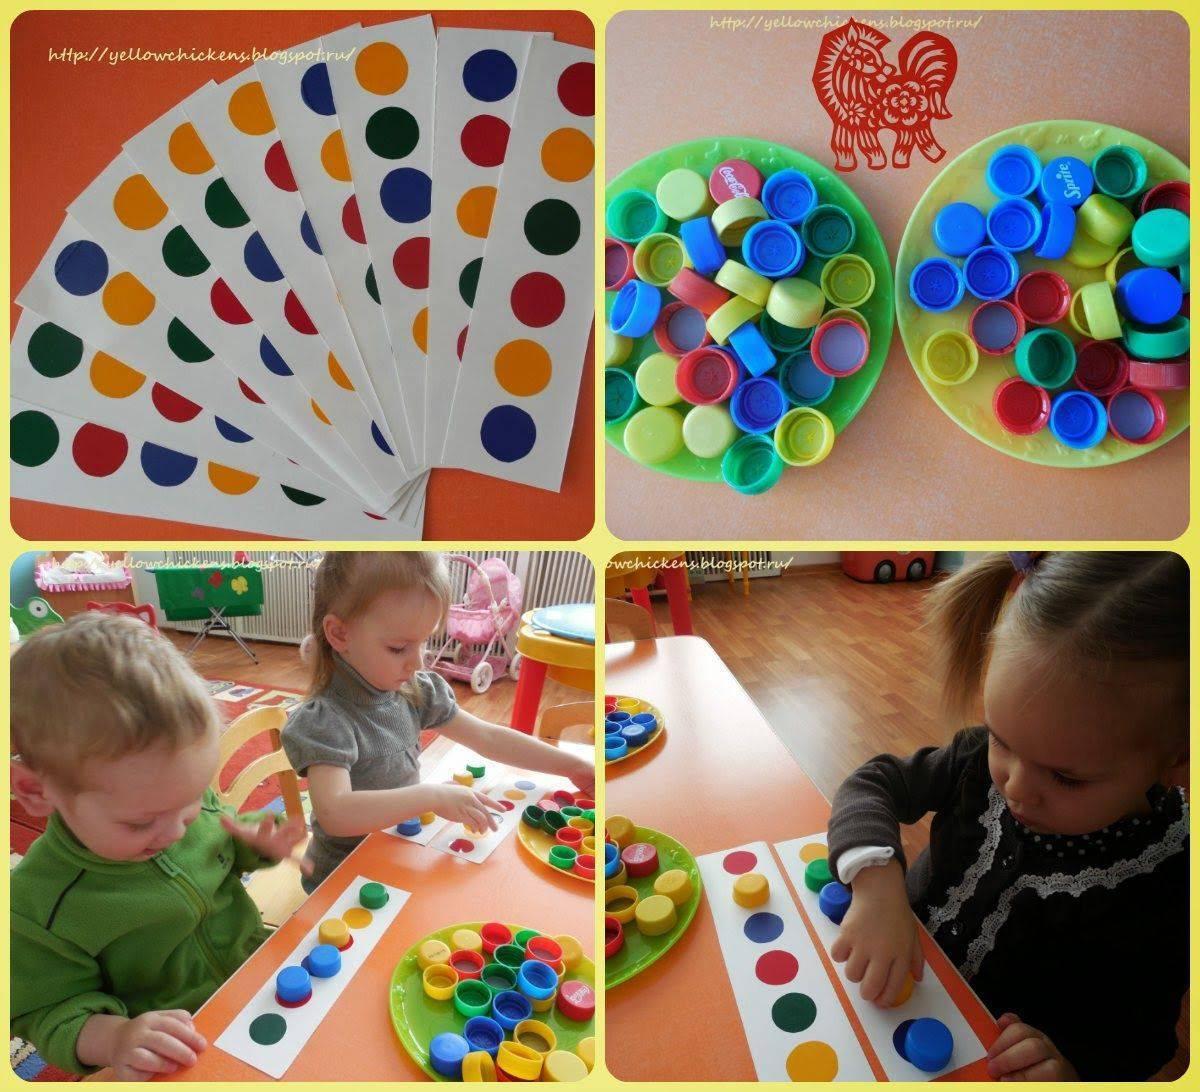 Раннее развитие ребенка ?: методики для детей от 0 до 3 лет в домашних условиях